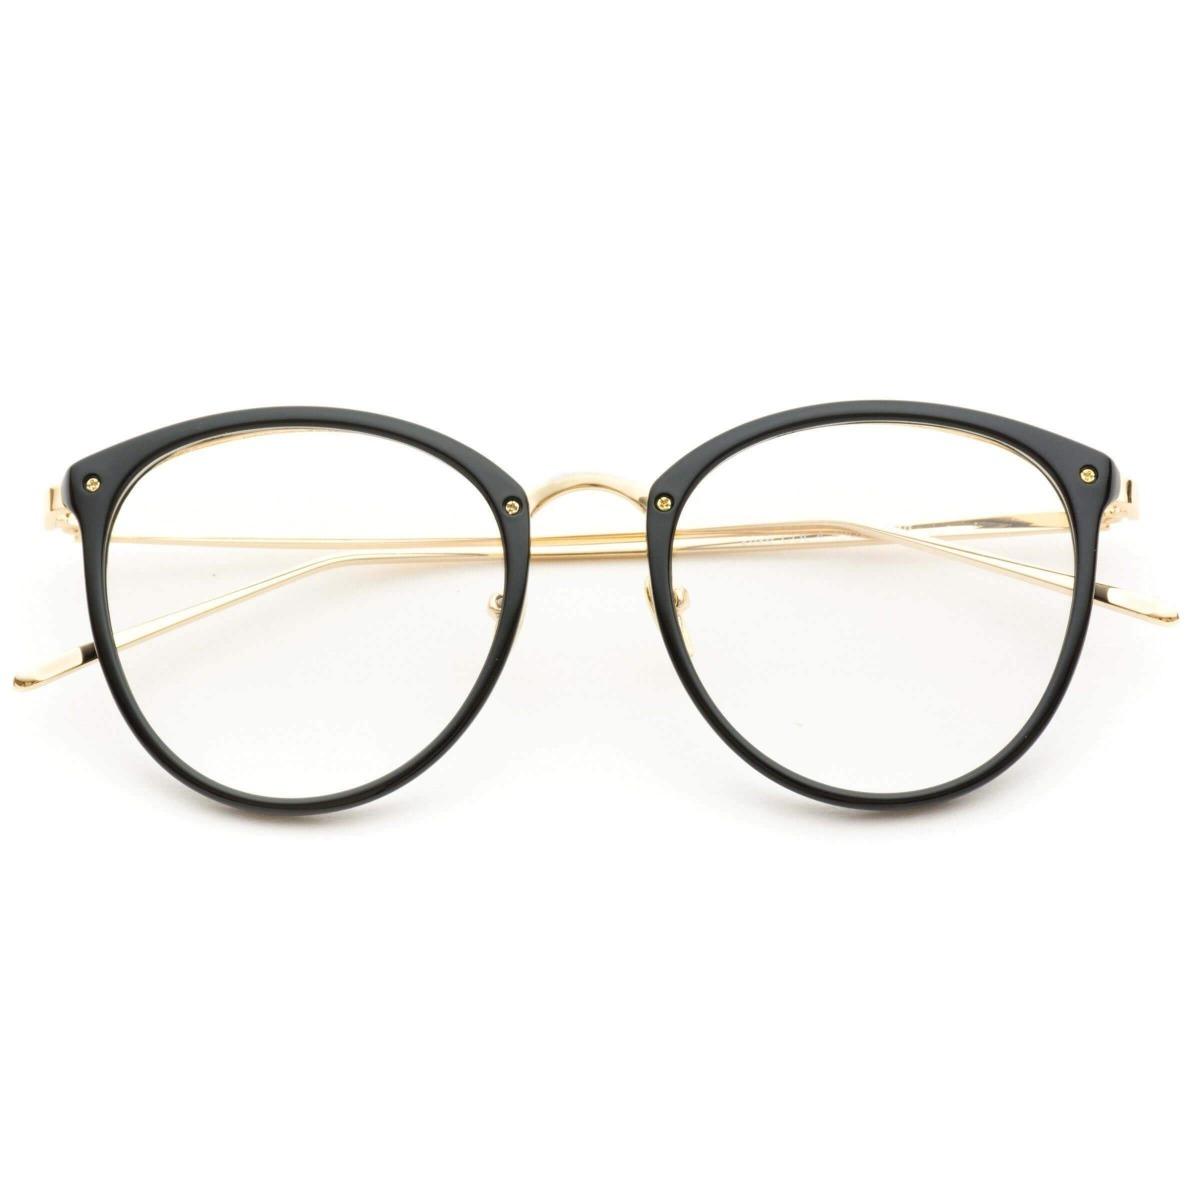 8f44878be3cc4 Armação Oculos De Grau Prada Luxo Original Feminino Promoção - R  90 ...